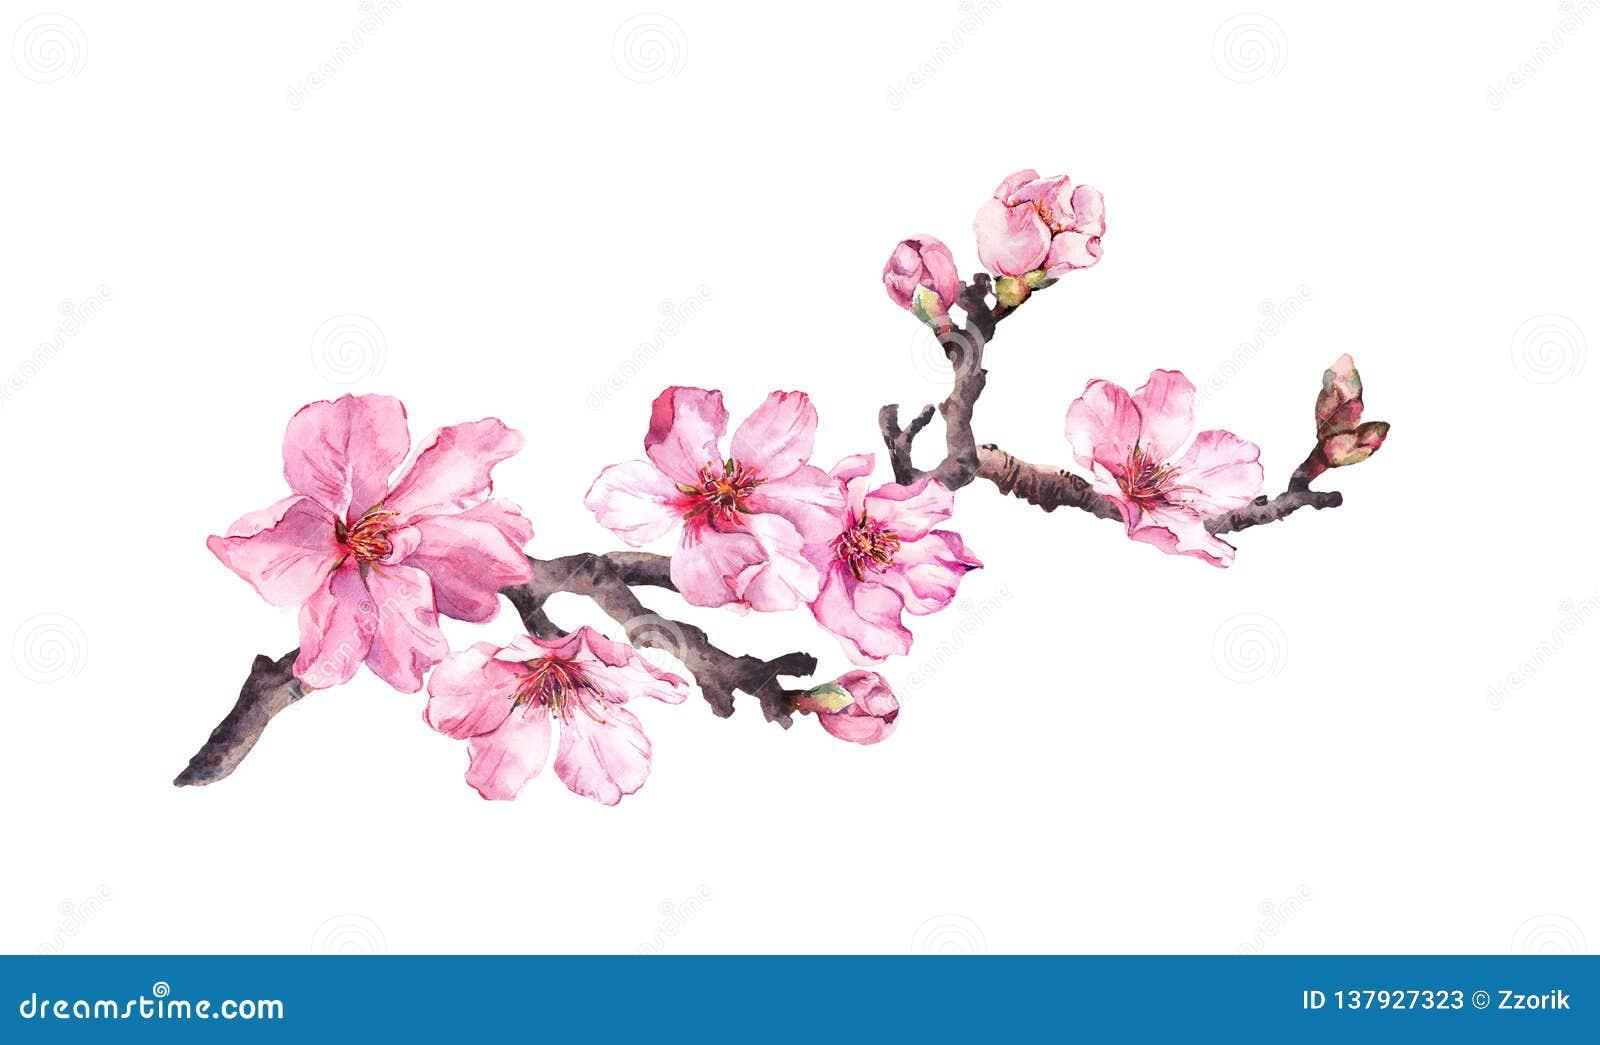 Flowering cherry tree. Pink apple flowers, sakura, almond flowers on blooming branch. Water color